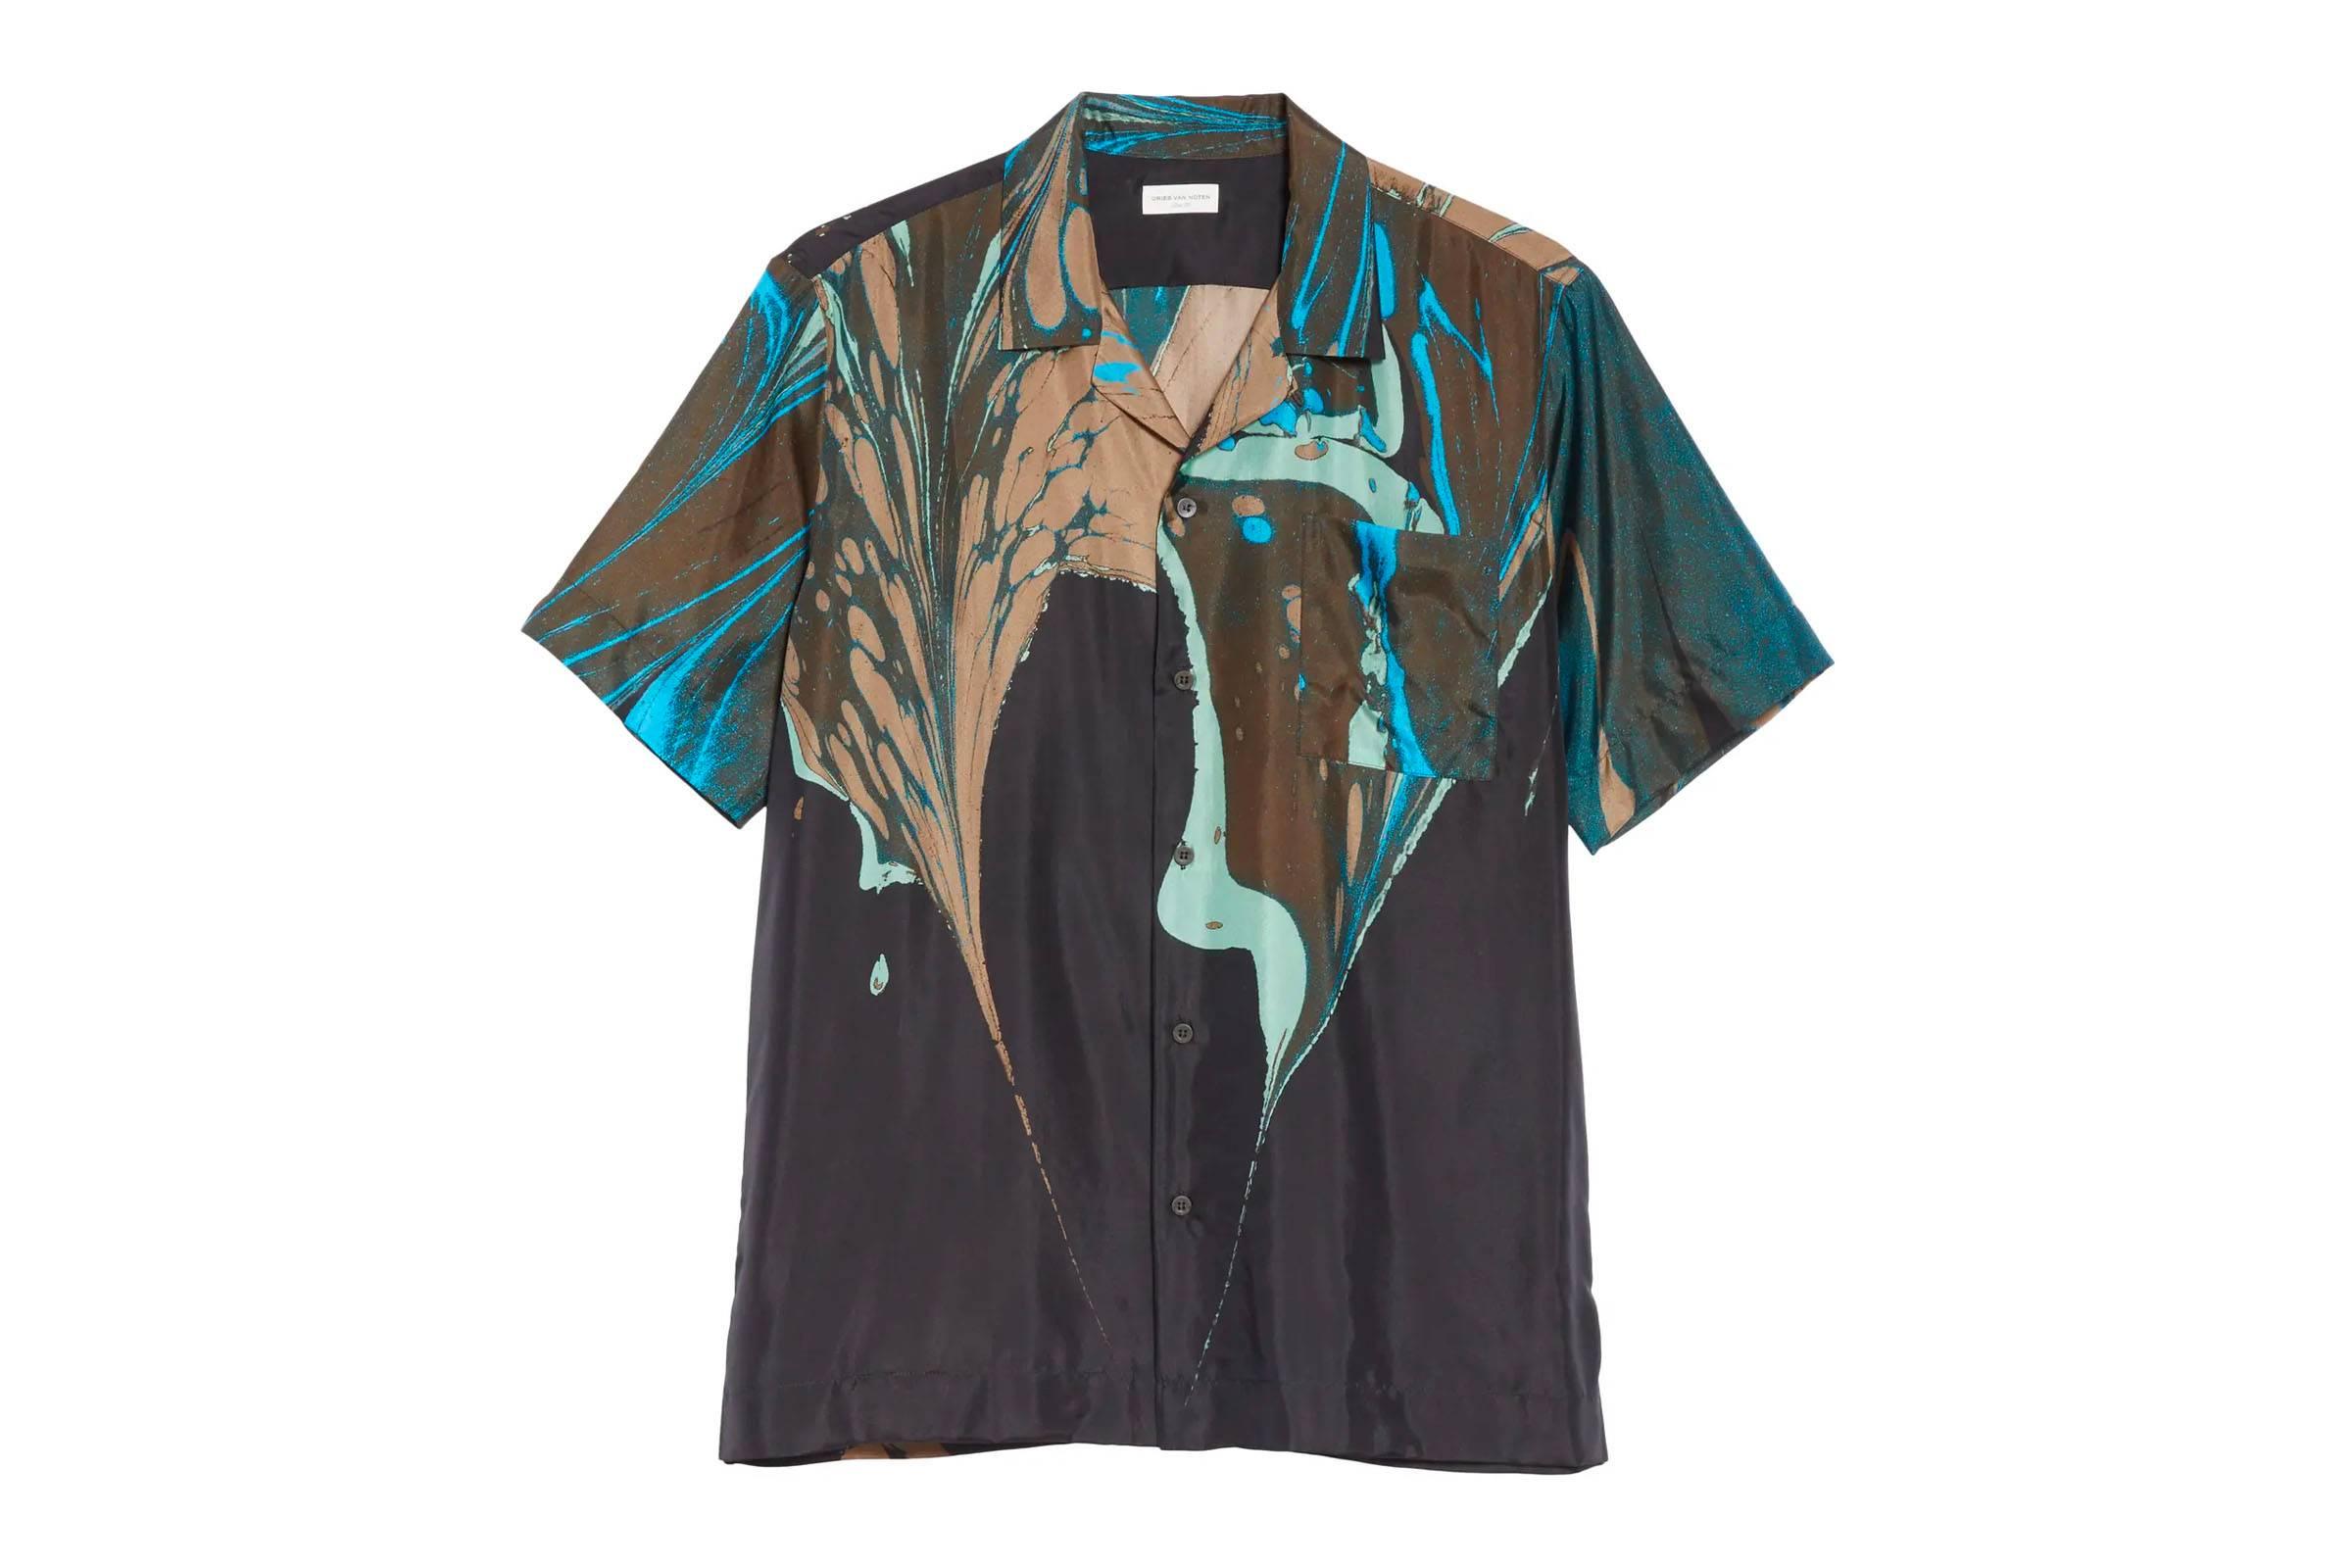 Dries Van Noten Patterned Silk Shirt